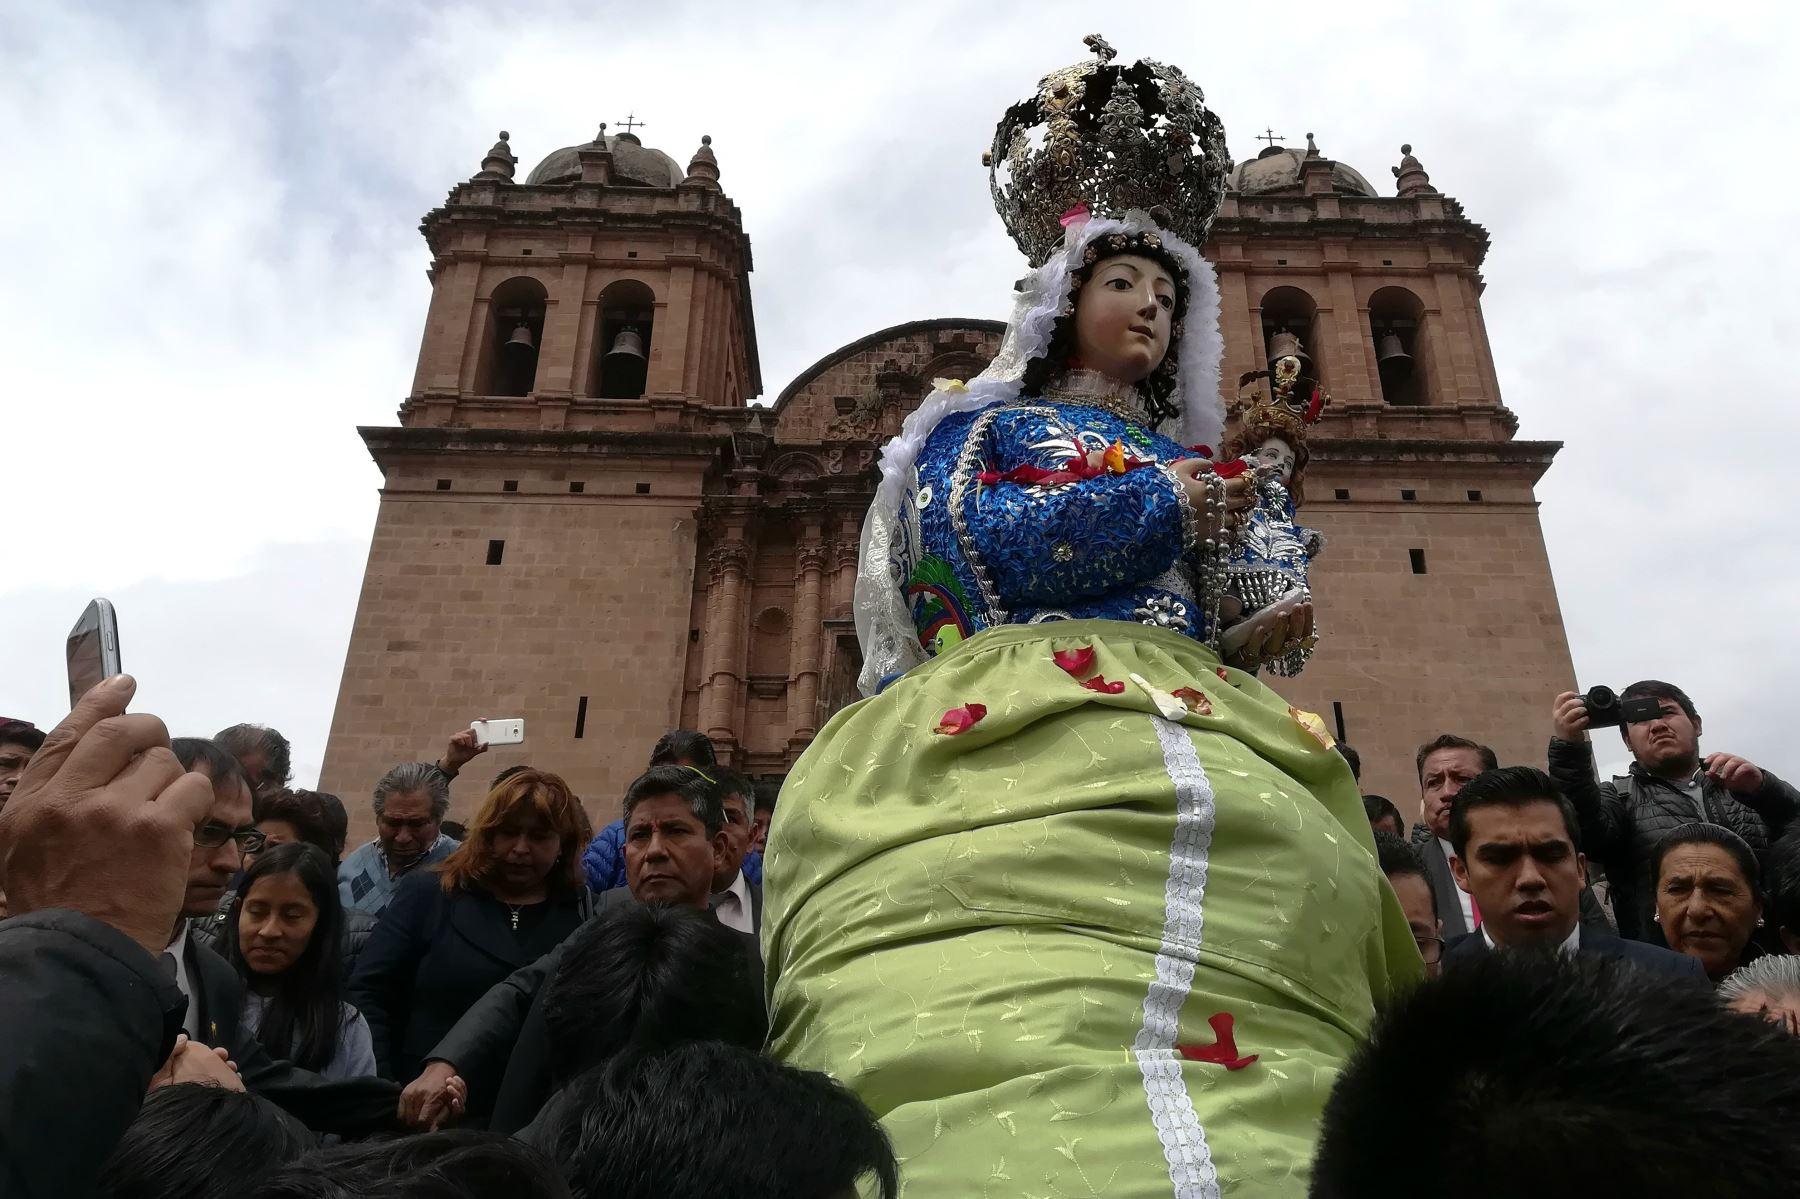 Restaurarán imagen de la virgen de Belén Patrona Jurada de Cusco. ANDINA/Percy Hurtado